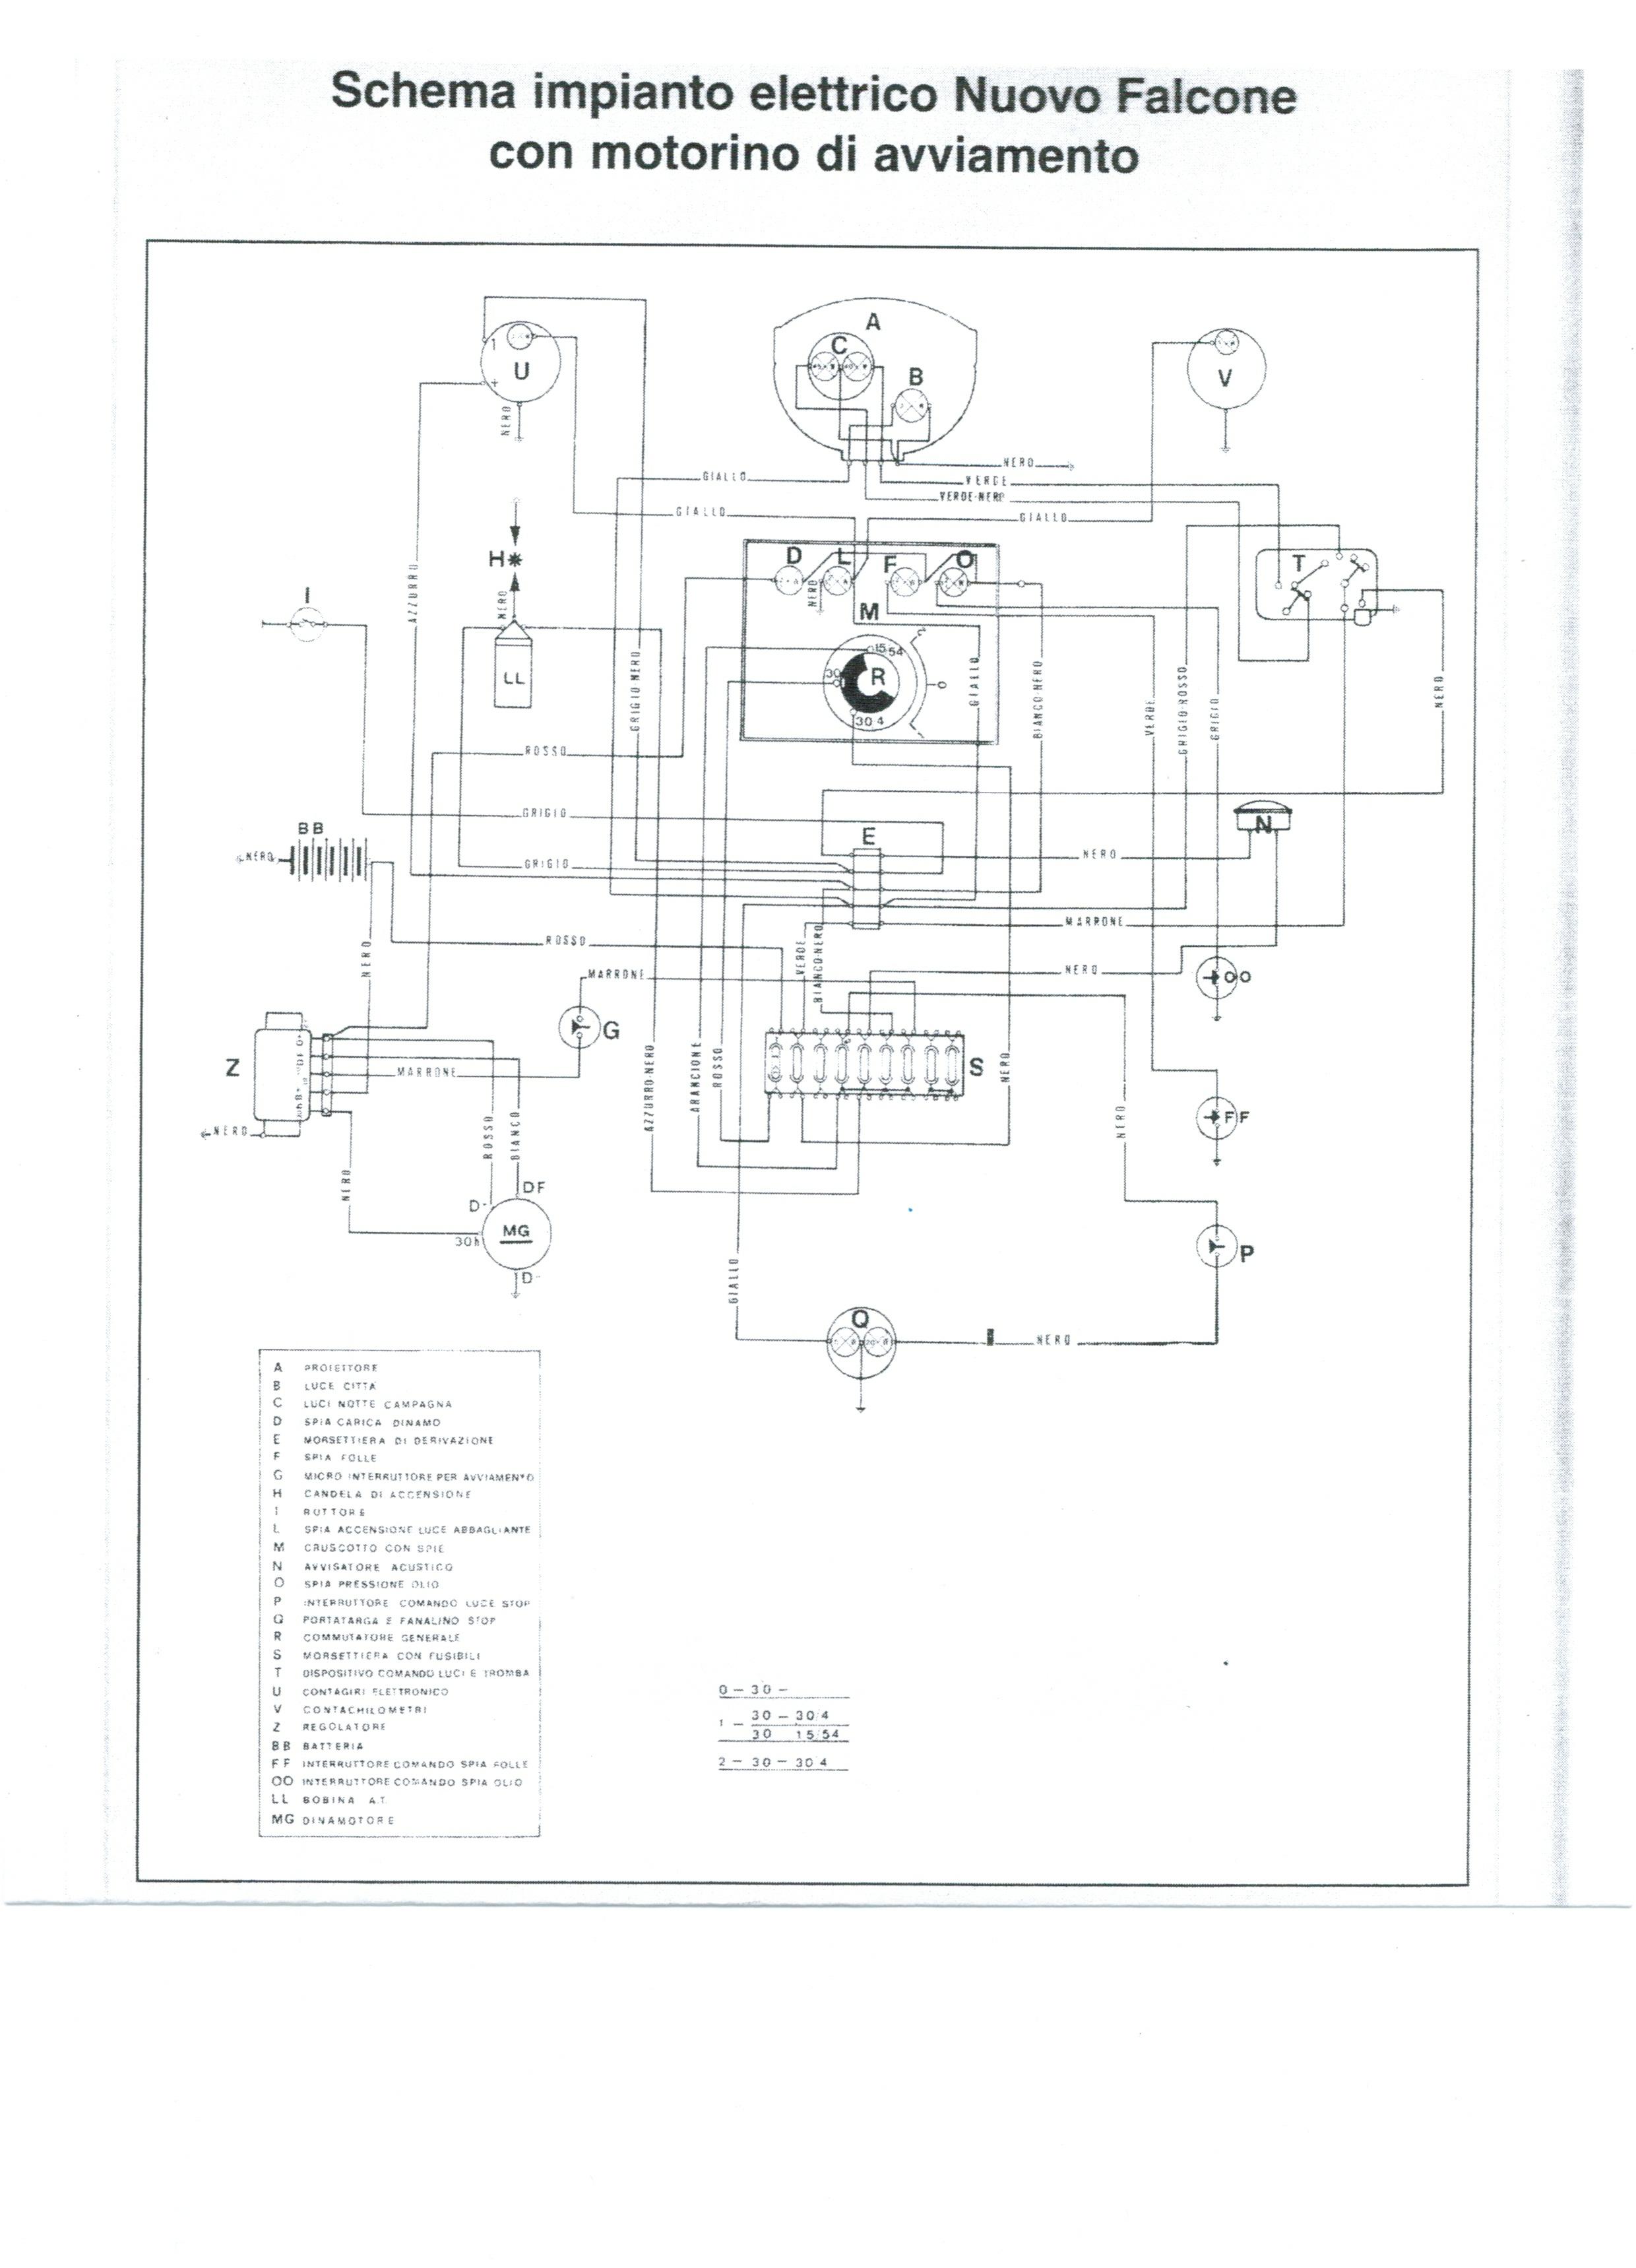 Schema Elettrico Motorino Avviamento : Rep dinamomotore